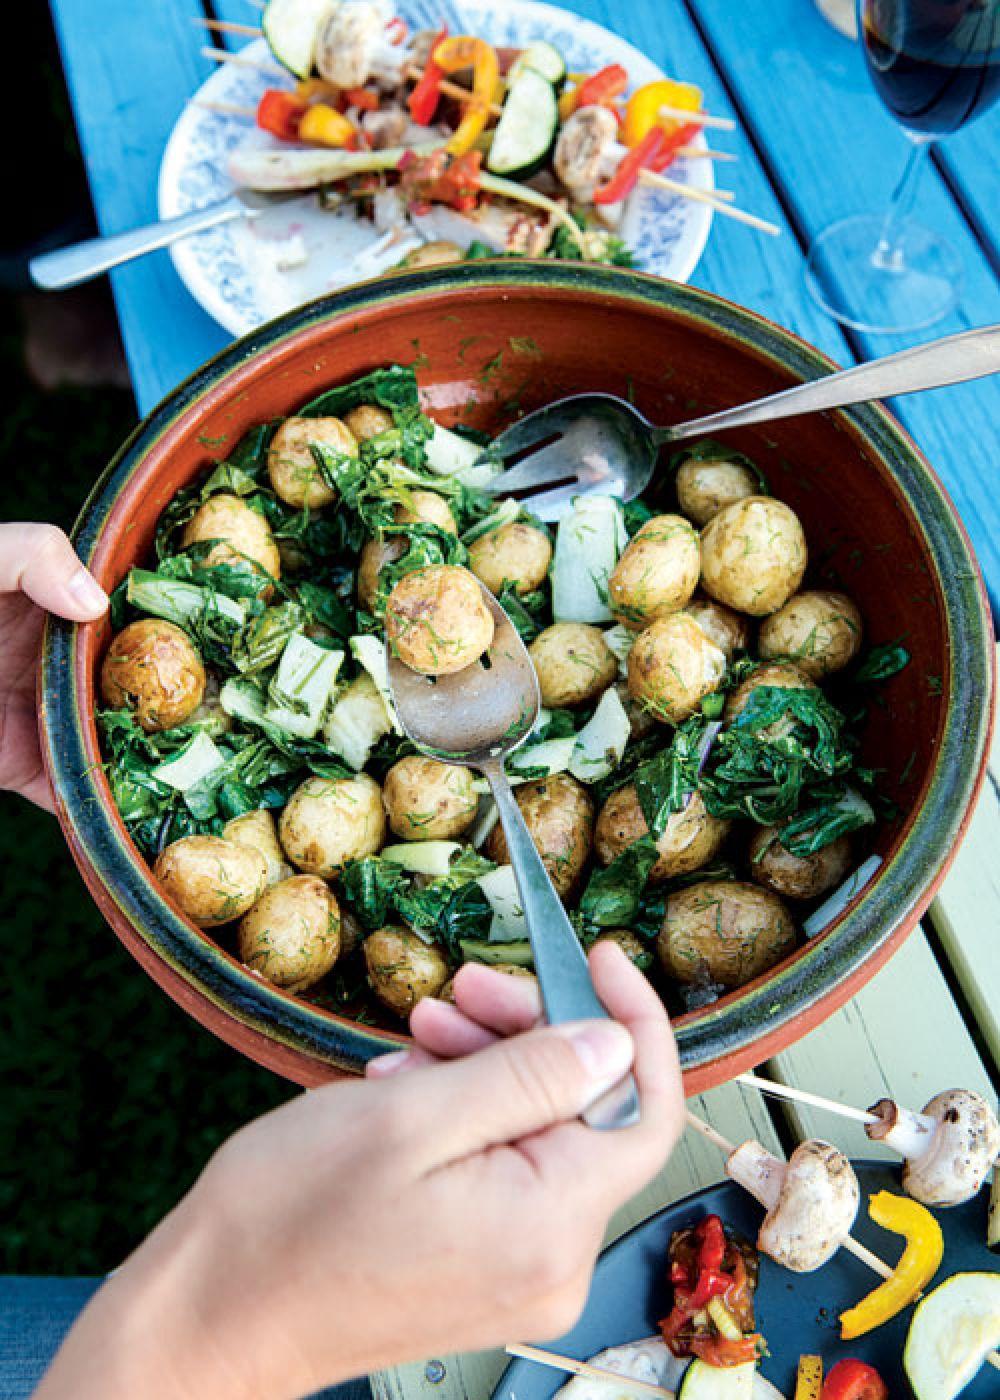 Kohlrabi Potato Salad or POTATISSALLAD MED KÅLRABBI OCH DILL